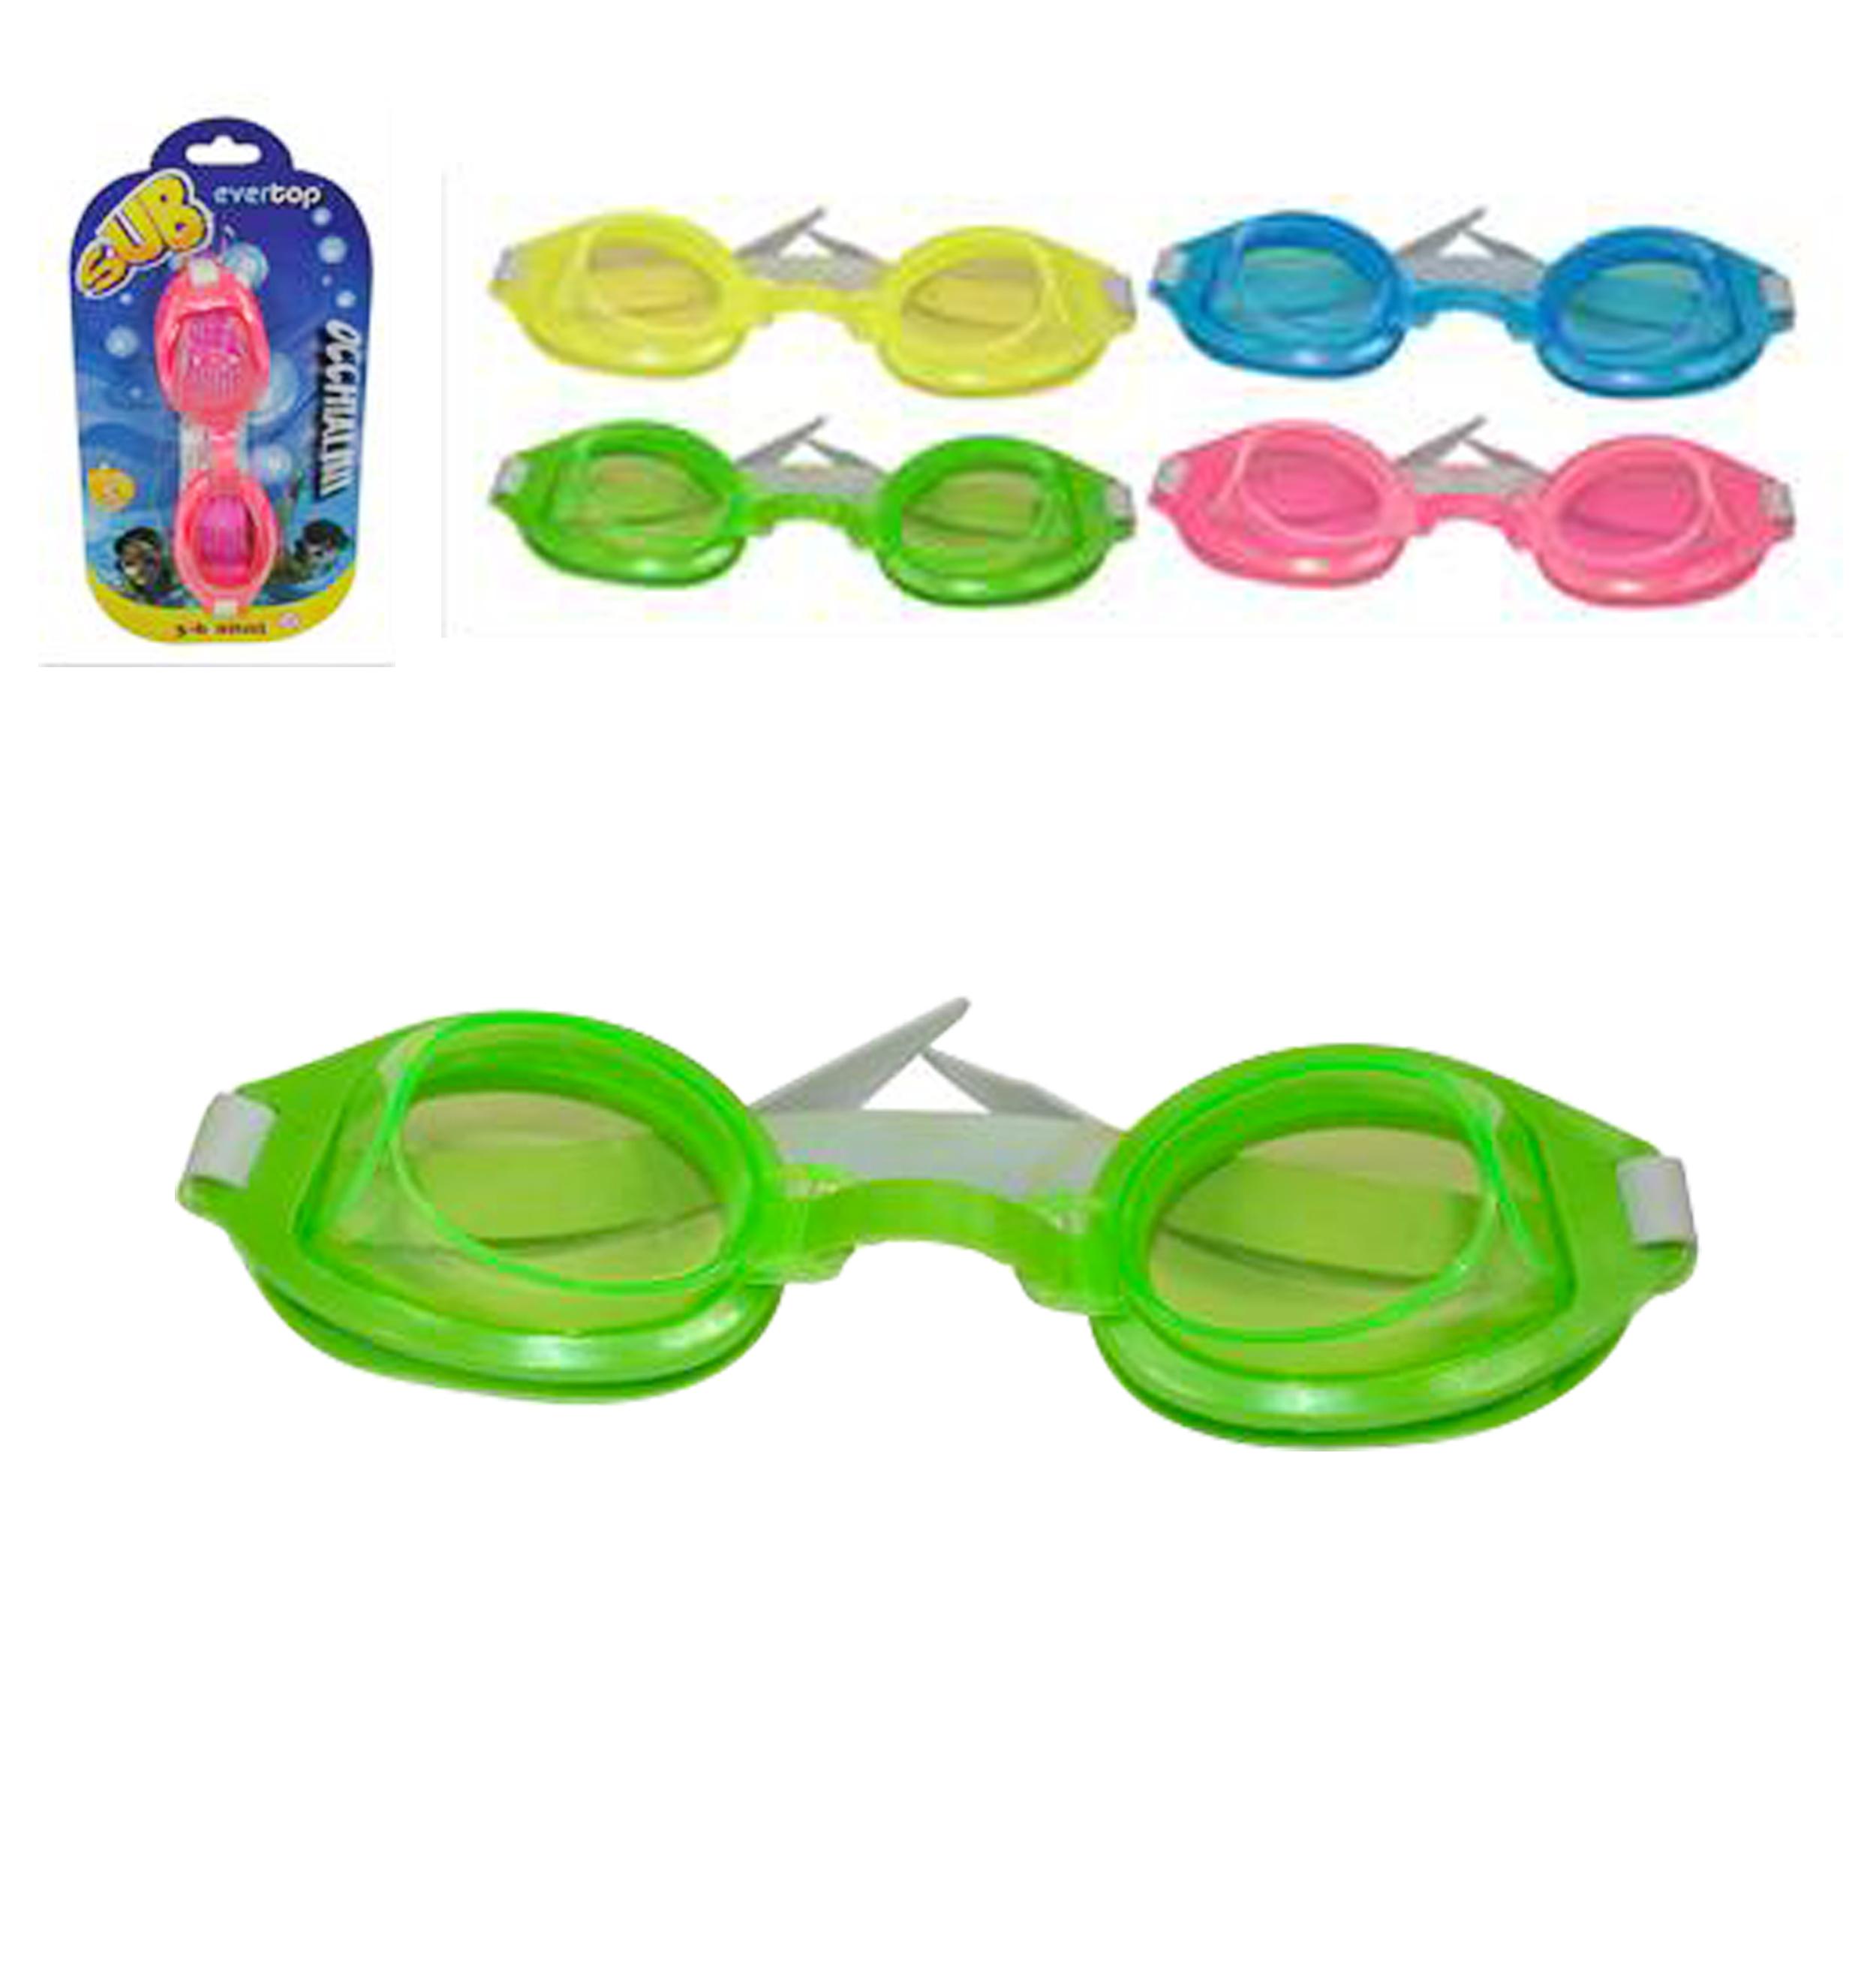 Γυαλιά θαλάσσης 3-6 ετών